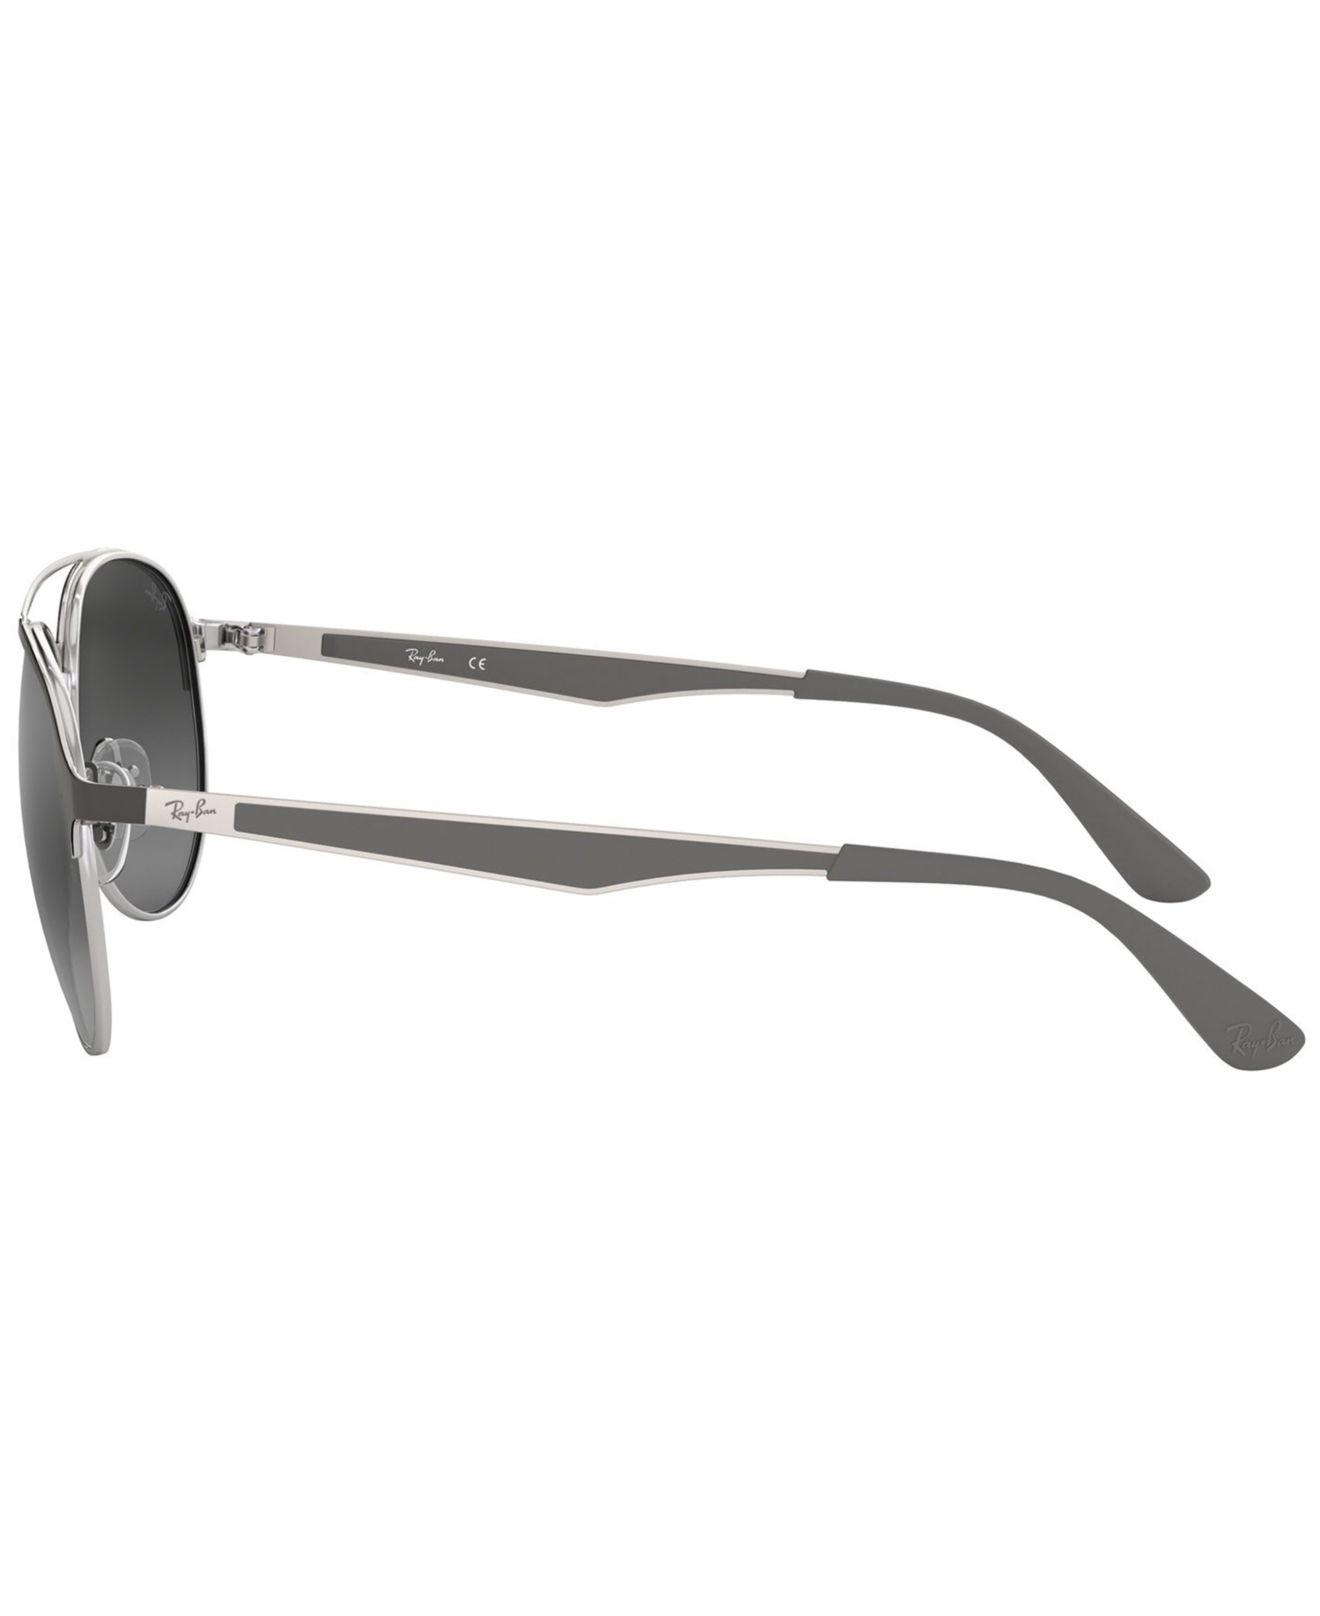 f5fc09a1326 Ray-Ban - Multicolor Sunglasses